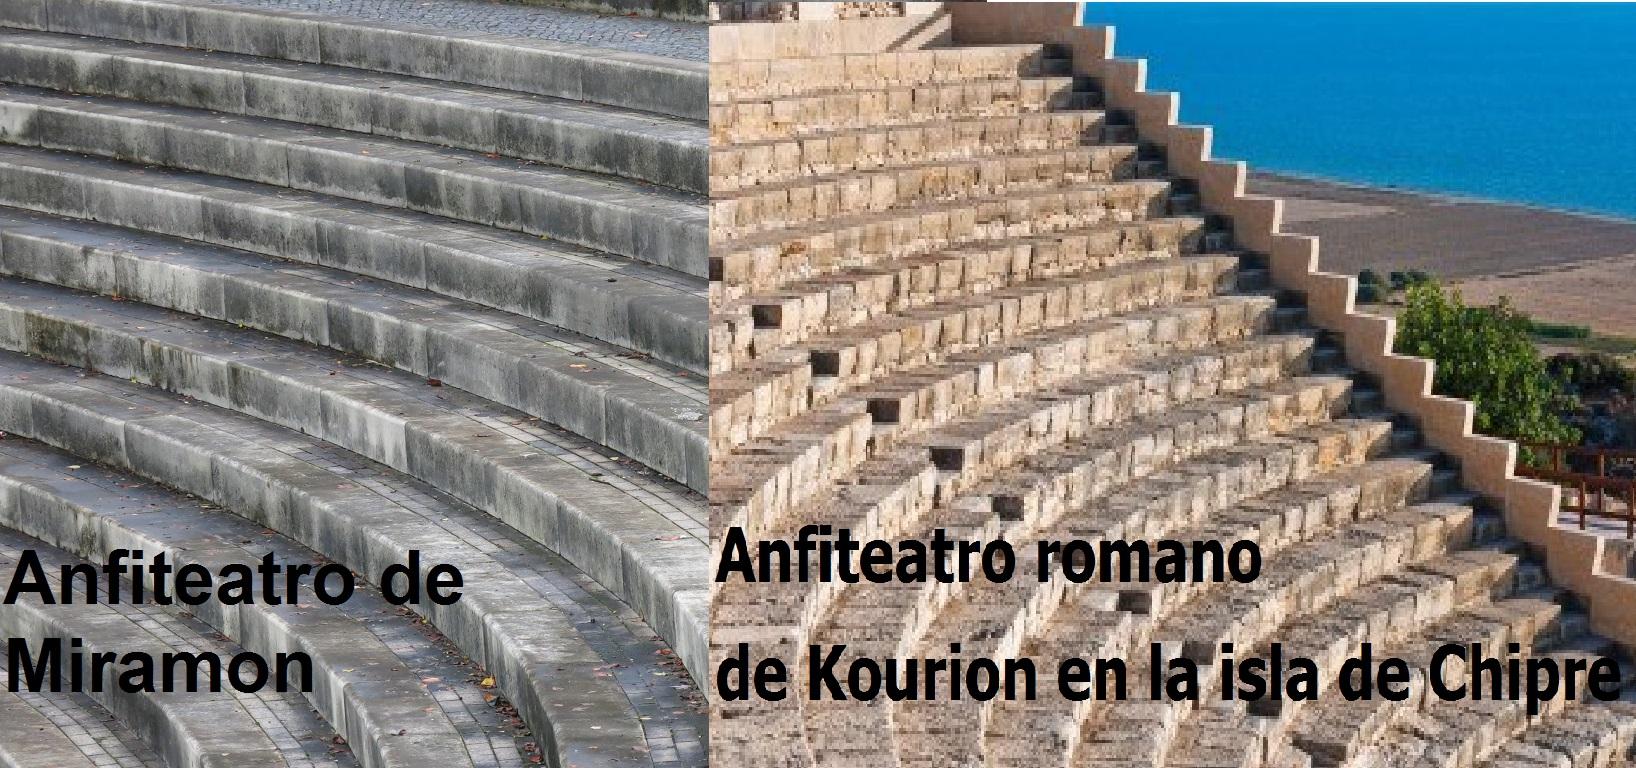 1 ANFITEATRO 2